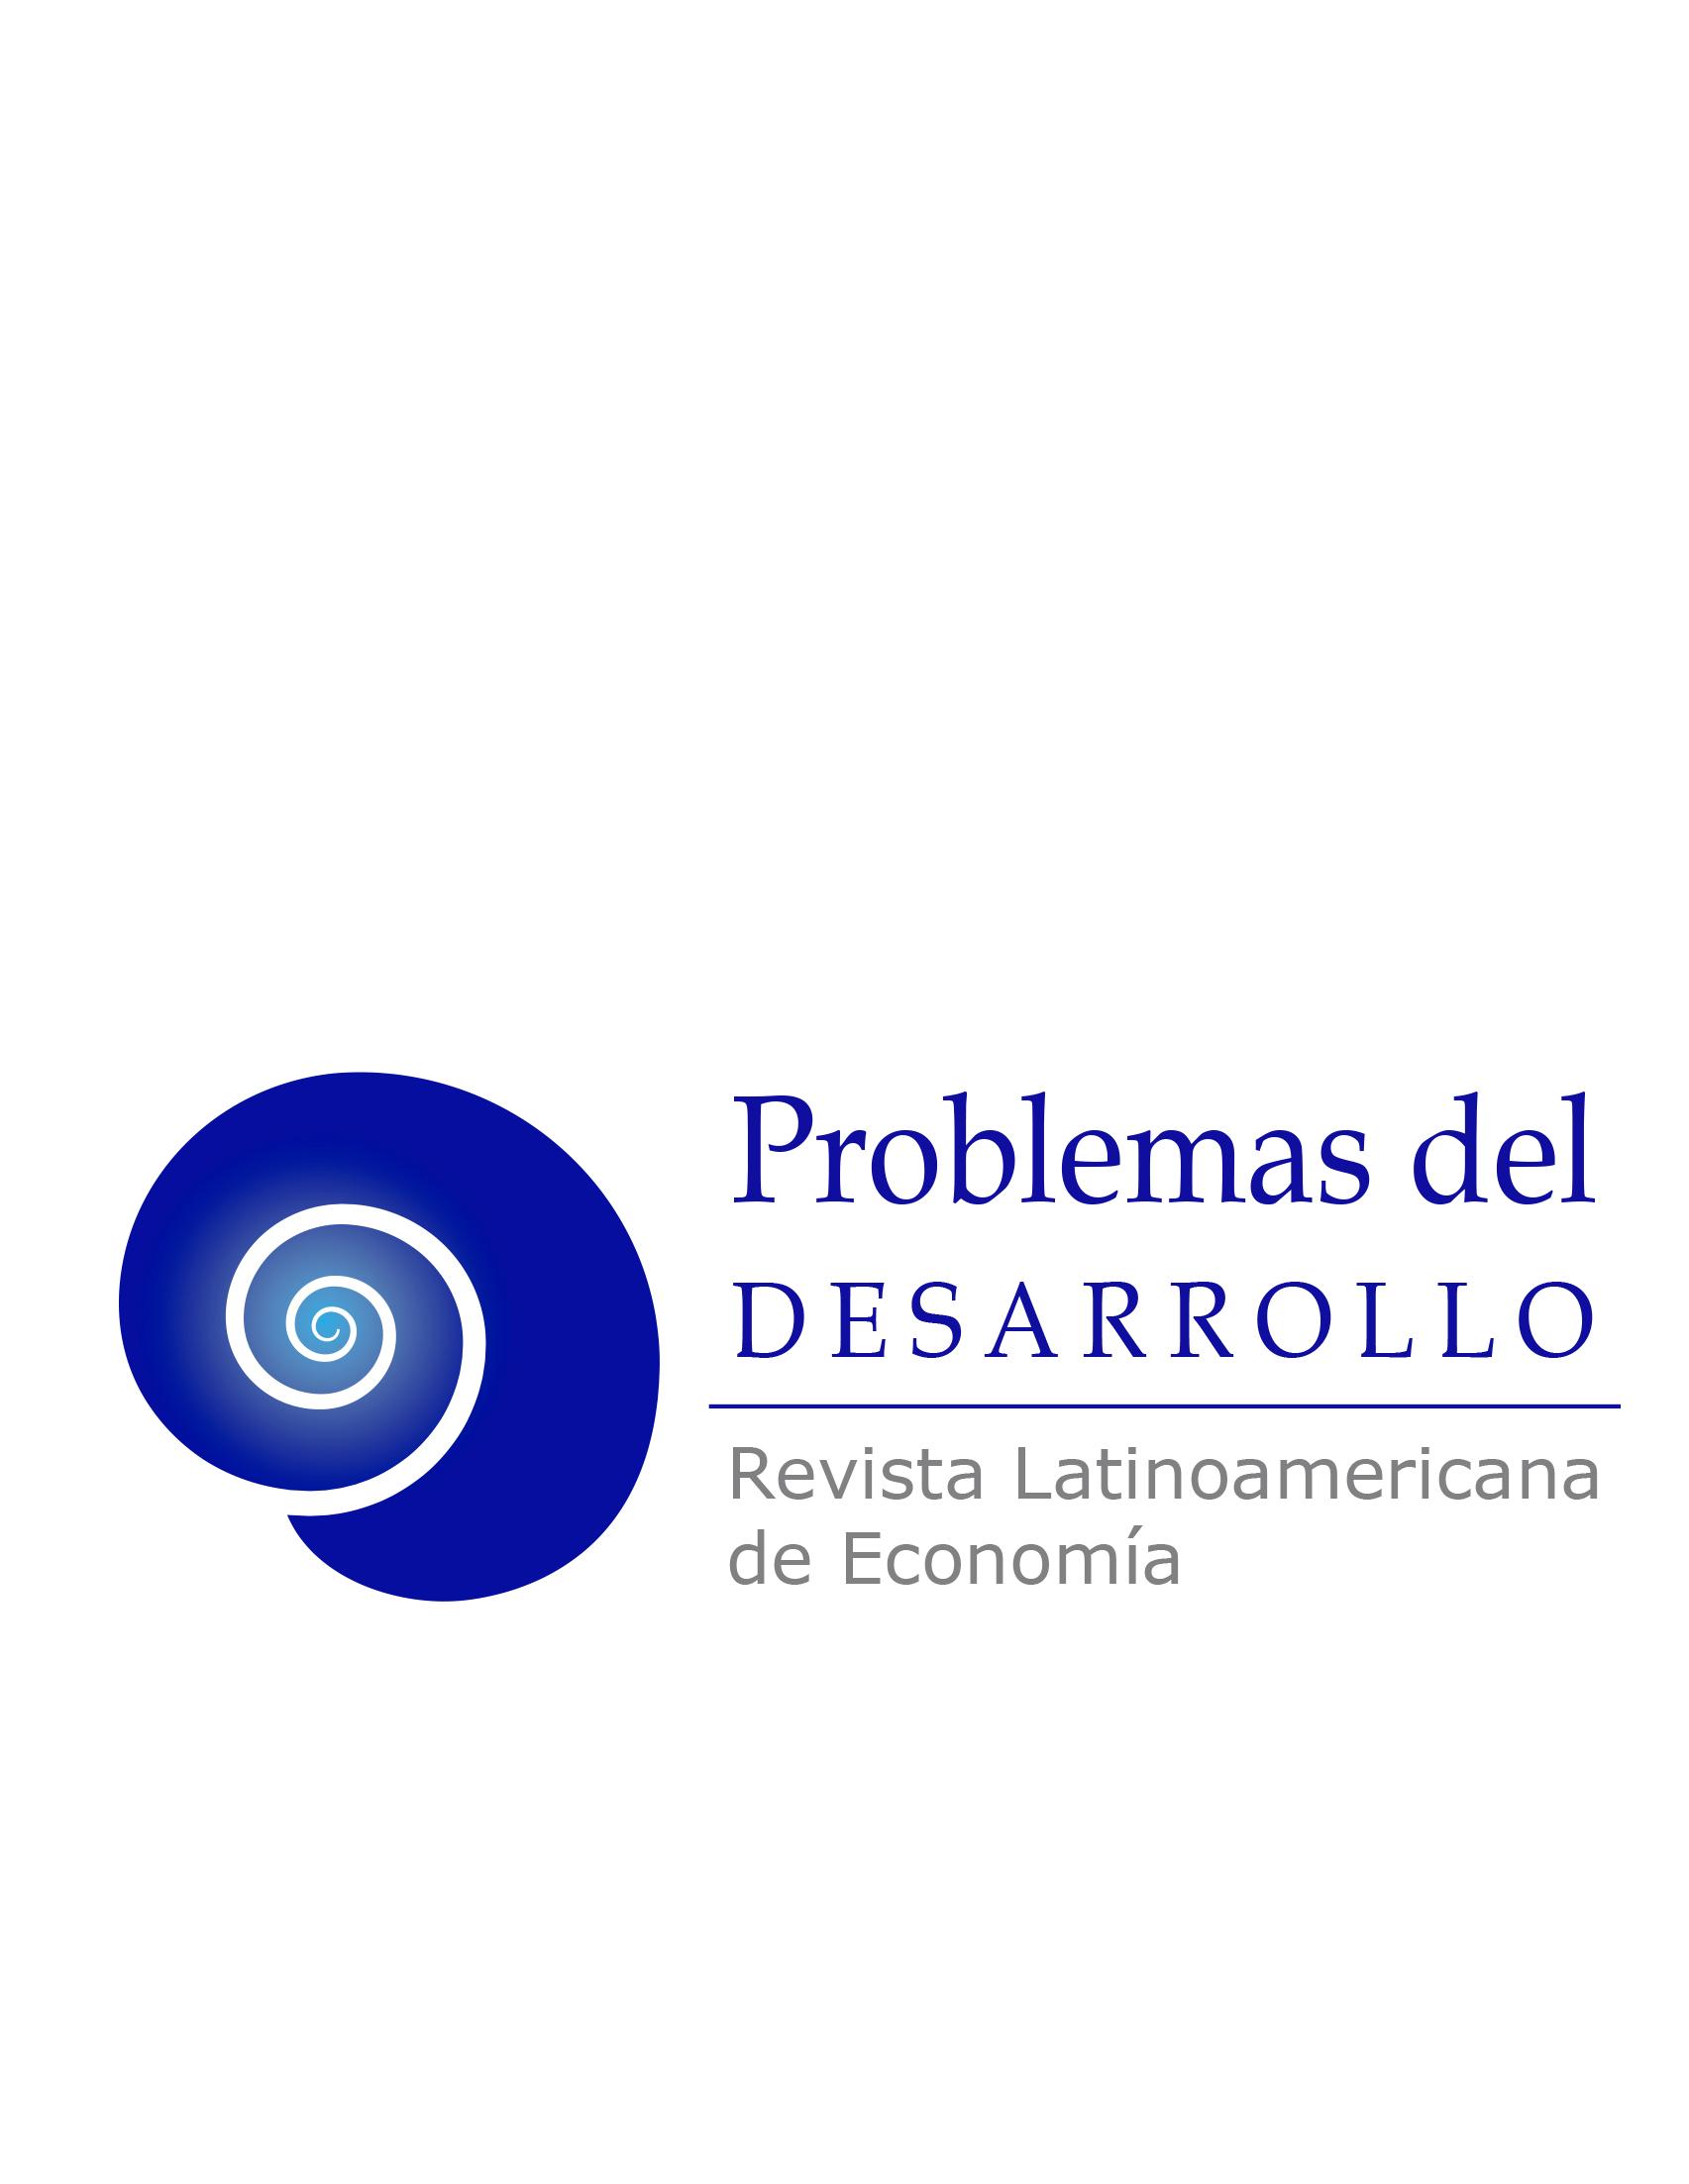 cover image for the Problemas del Desarrollo journal